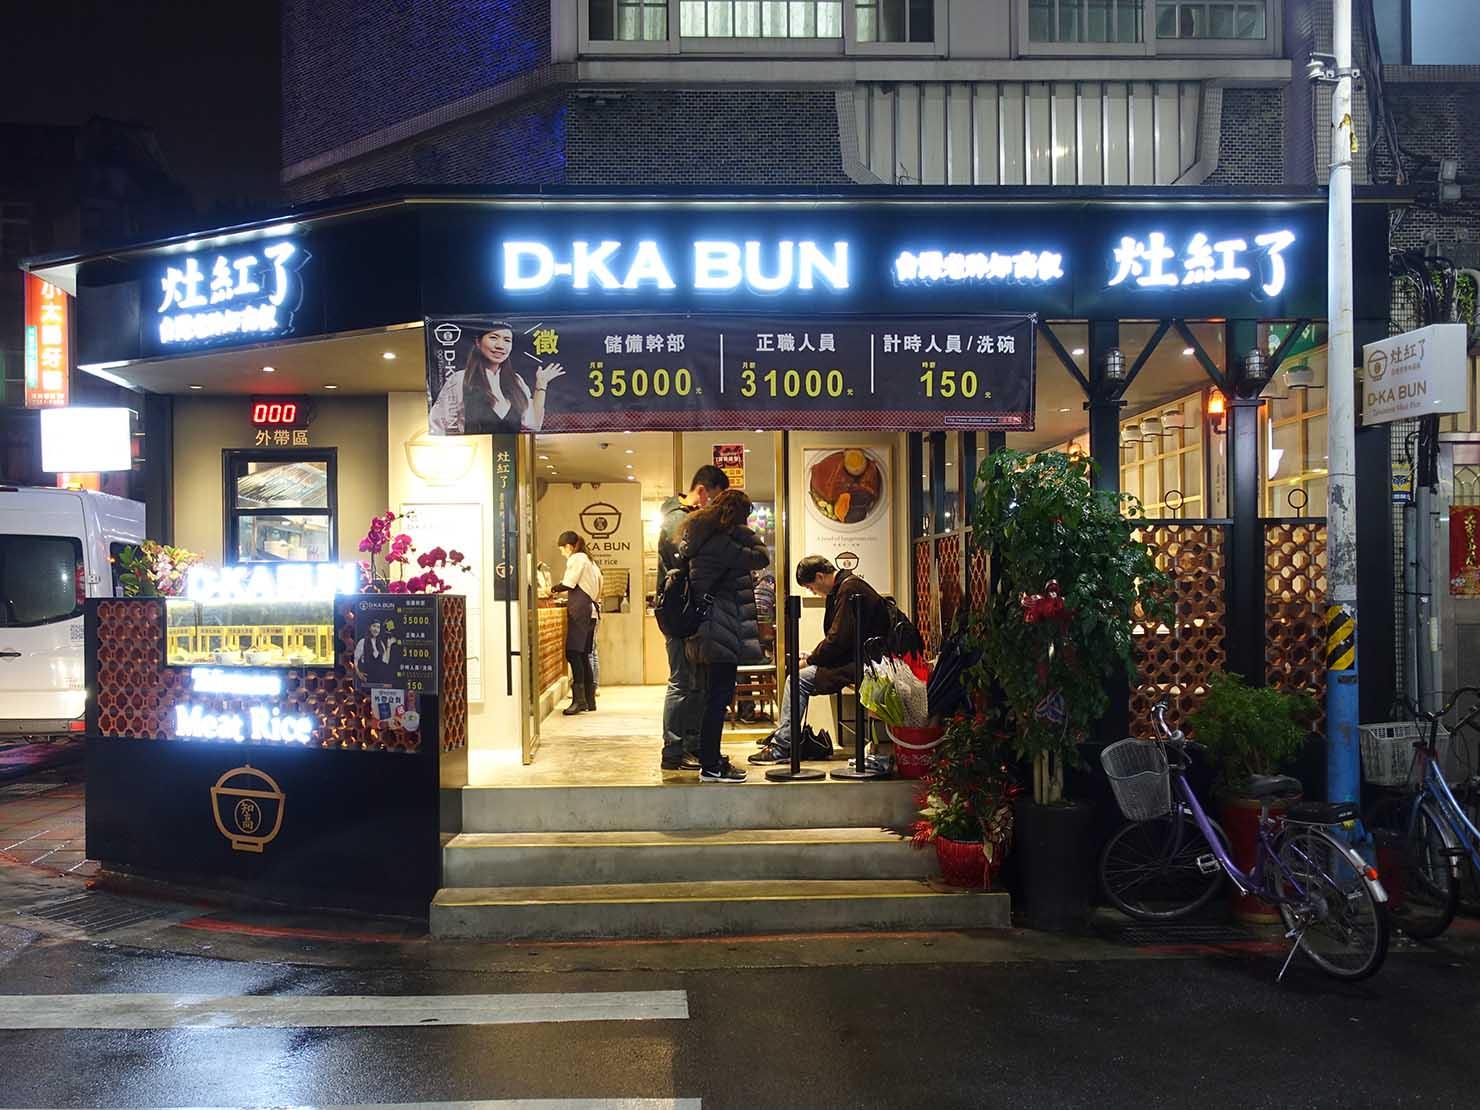 台北・永康街のおすすめグルメ店「灶紅了 D.KA Bun」の外観